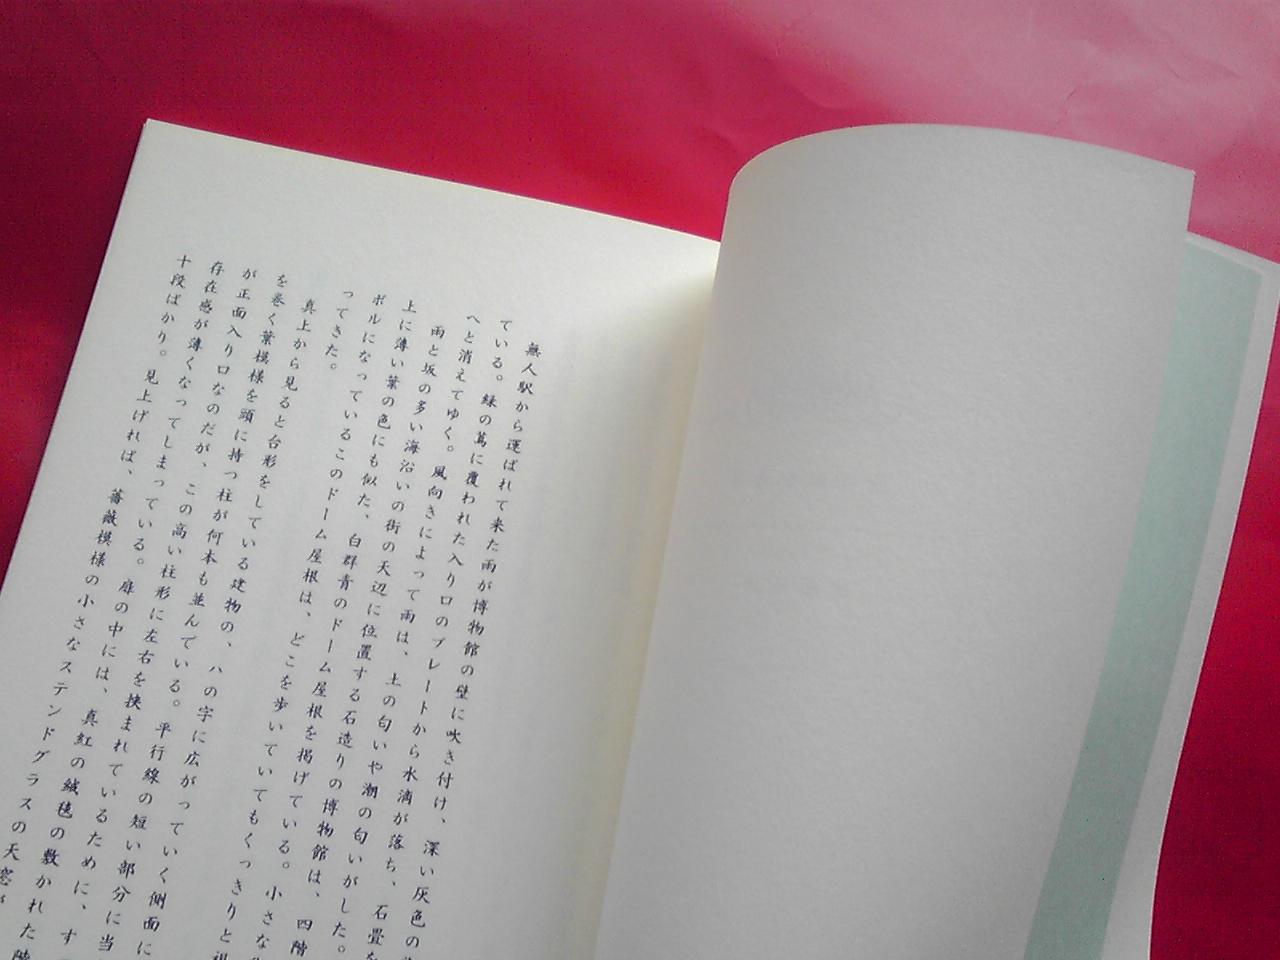 遊び紙と本文